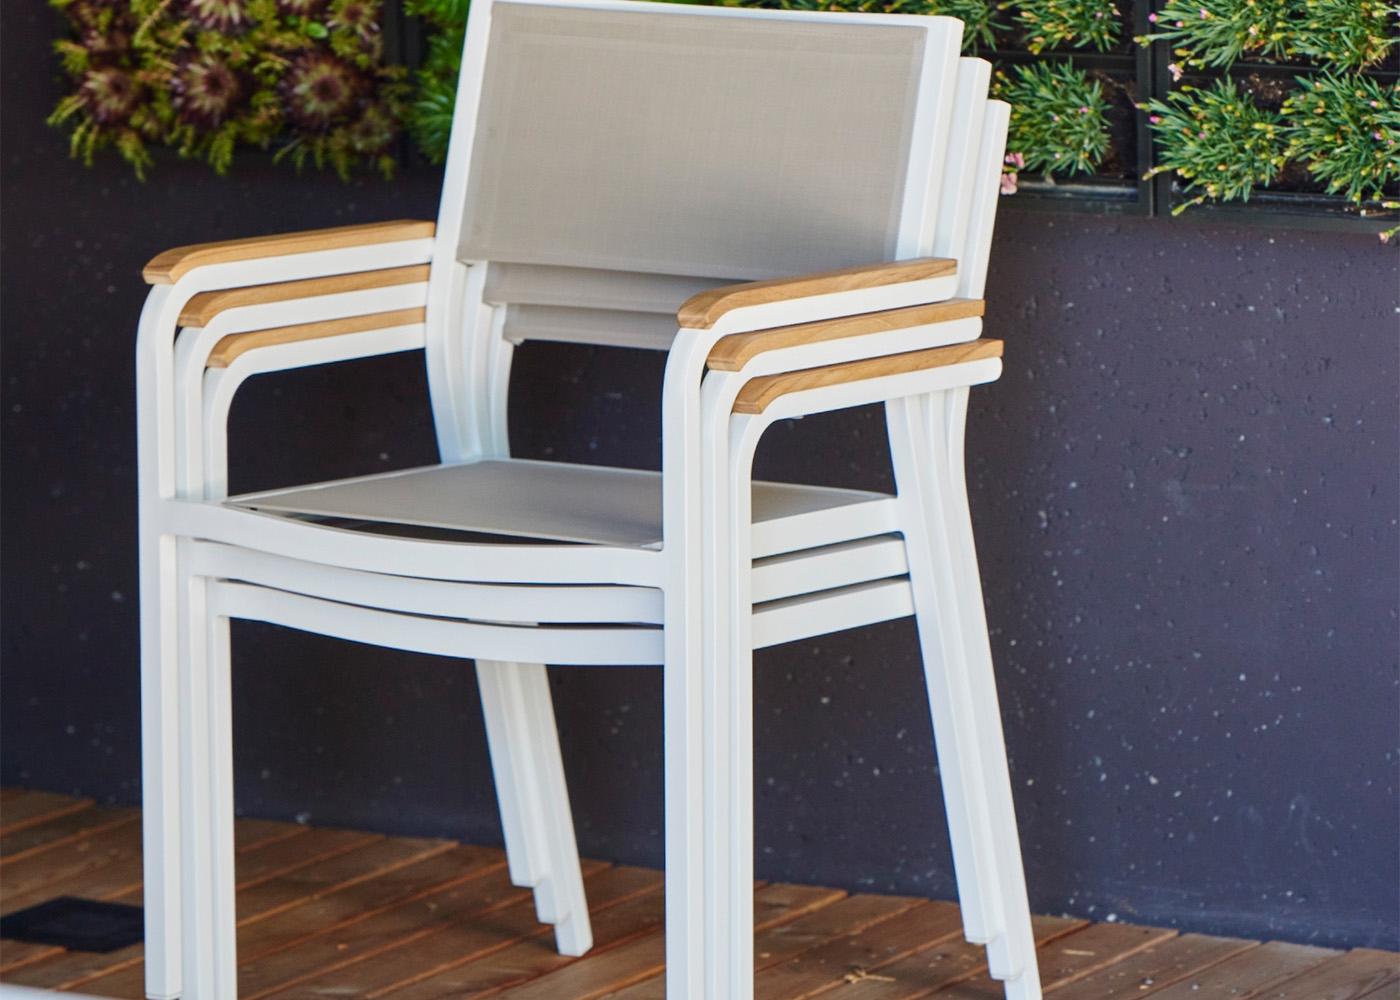 set de 4 chaises de jardin en aluminium teck et batyline noir blanc ou taupe lux alu par jankurtz